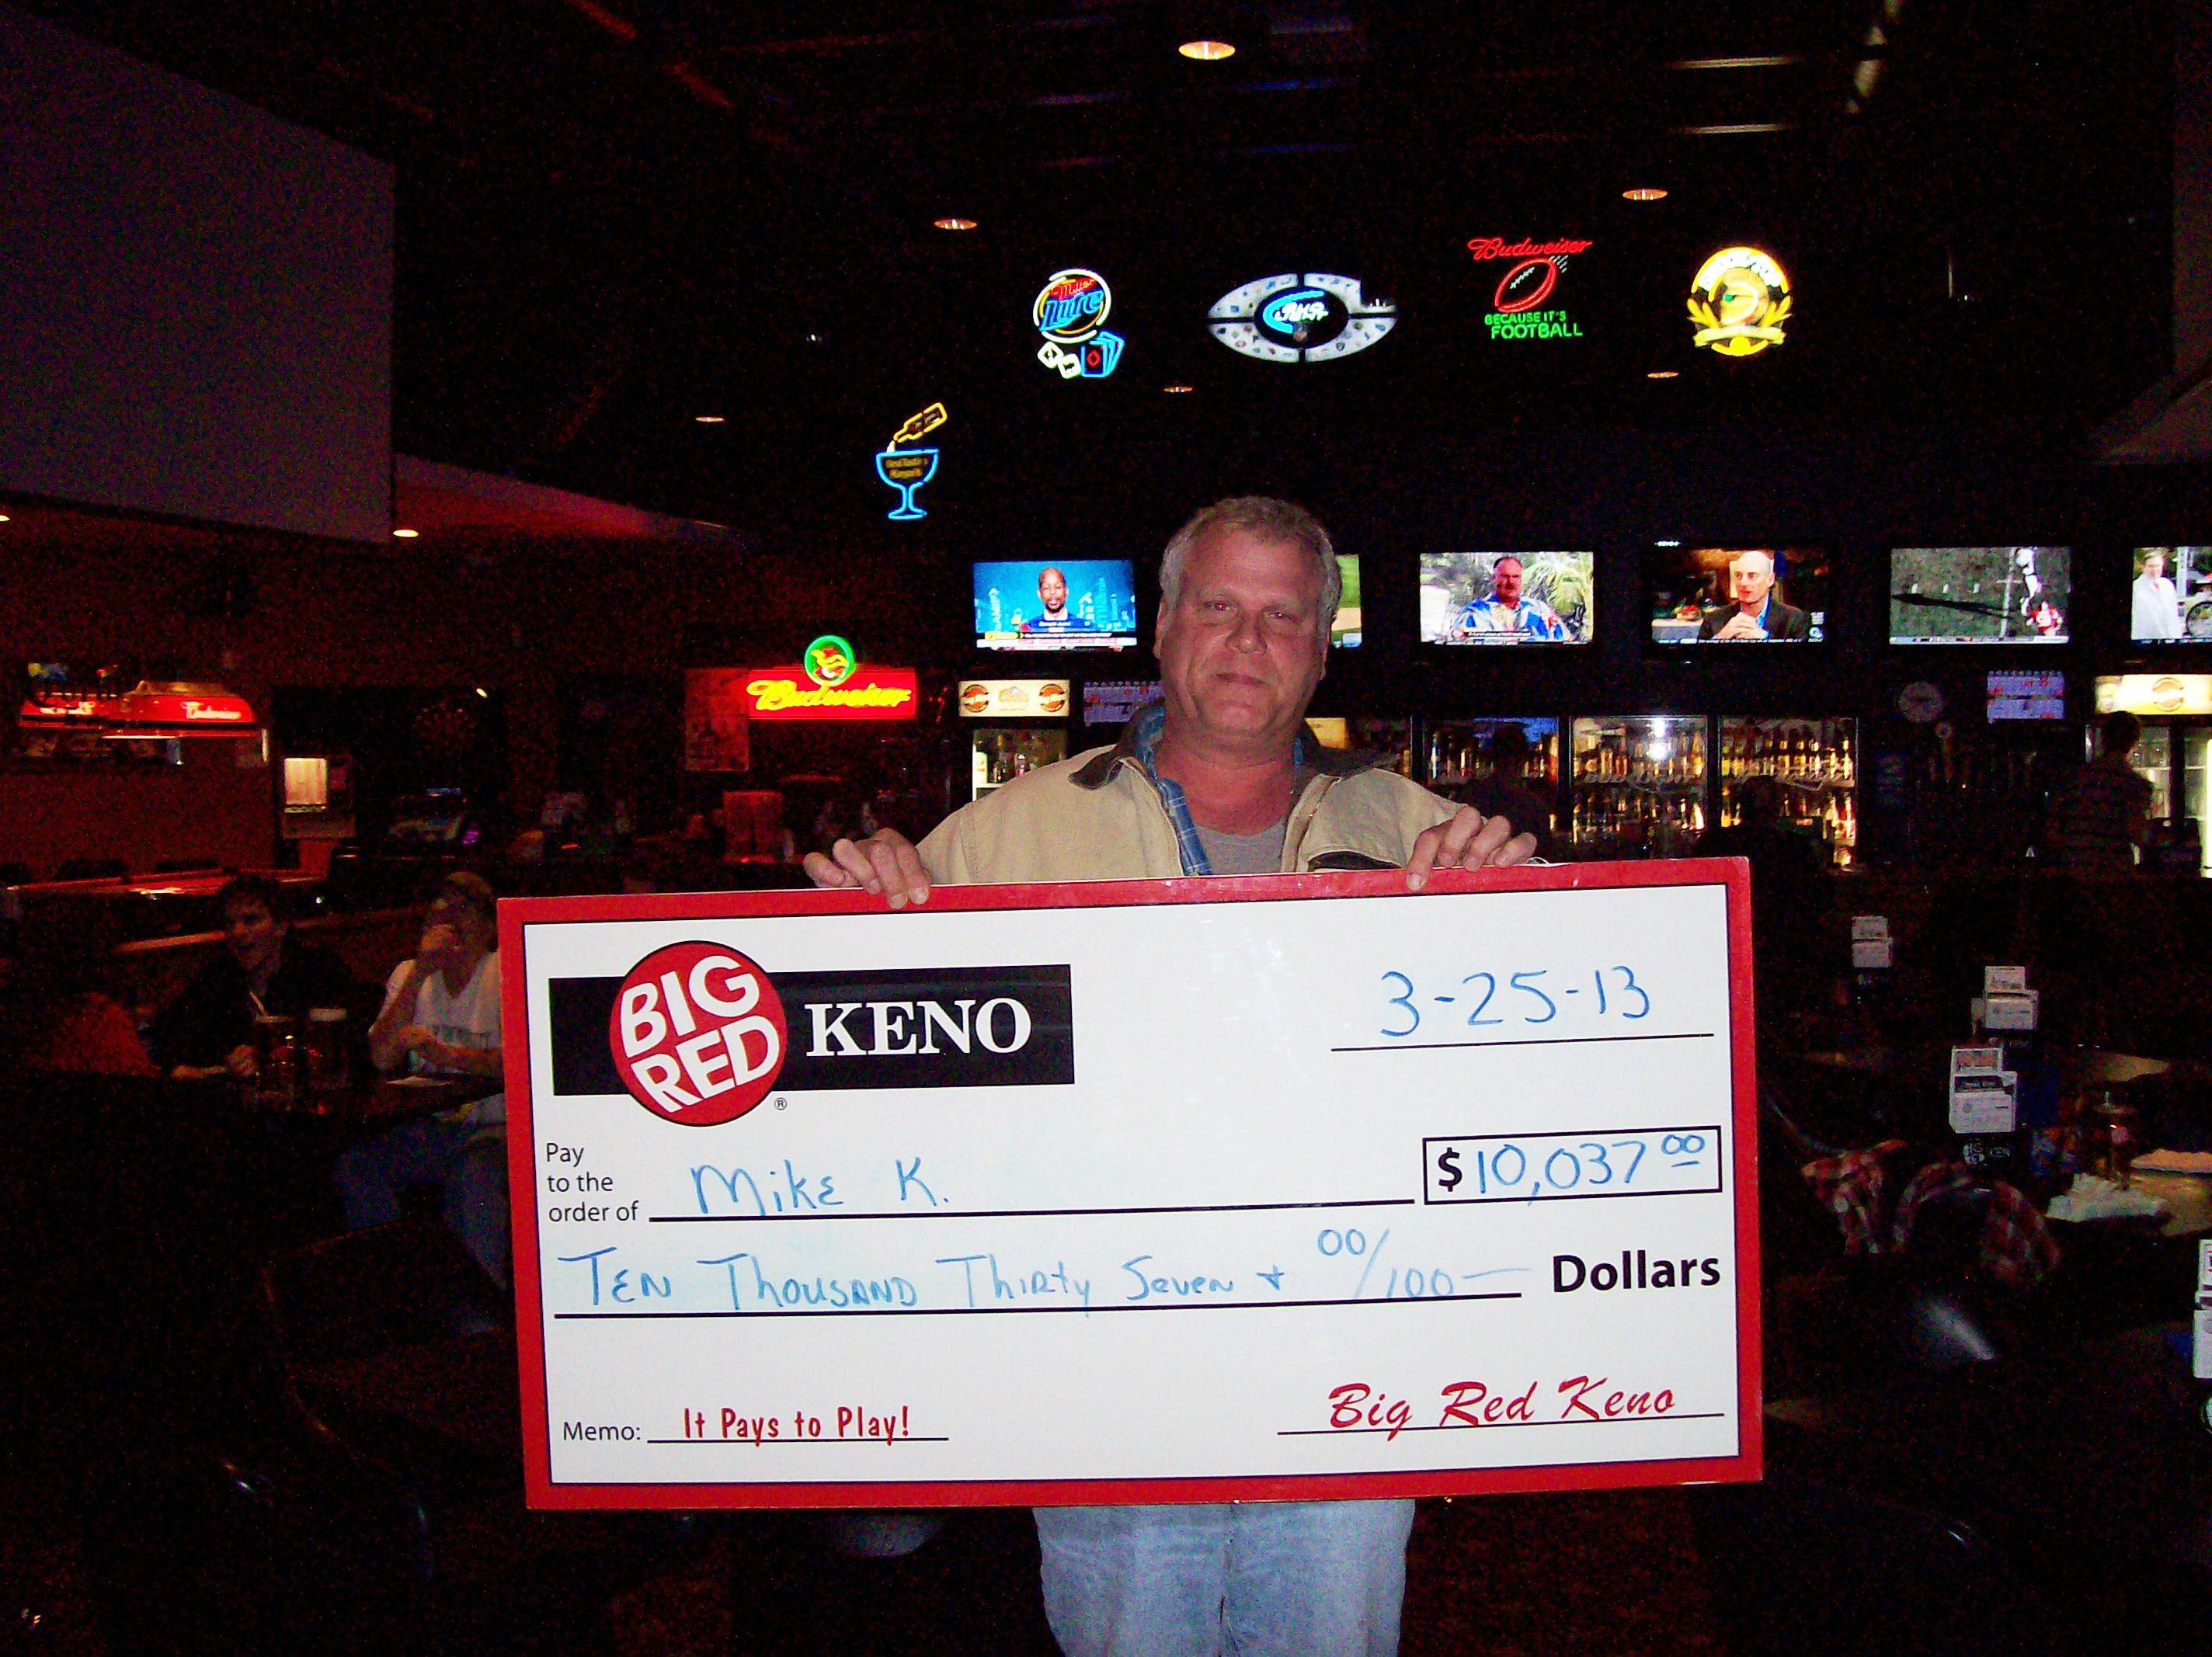 Mike won $10,037 playing Big Red Keno!